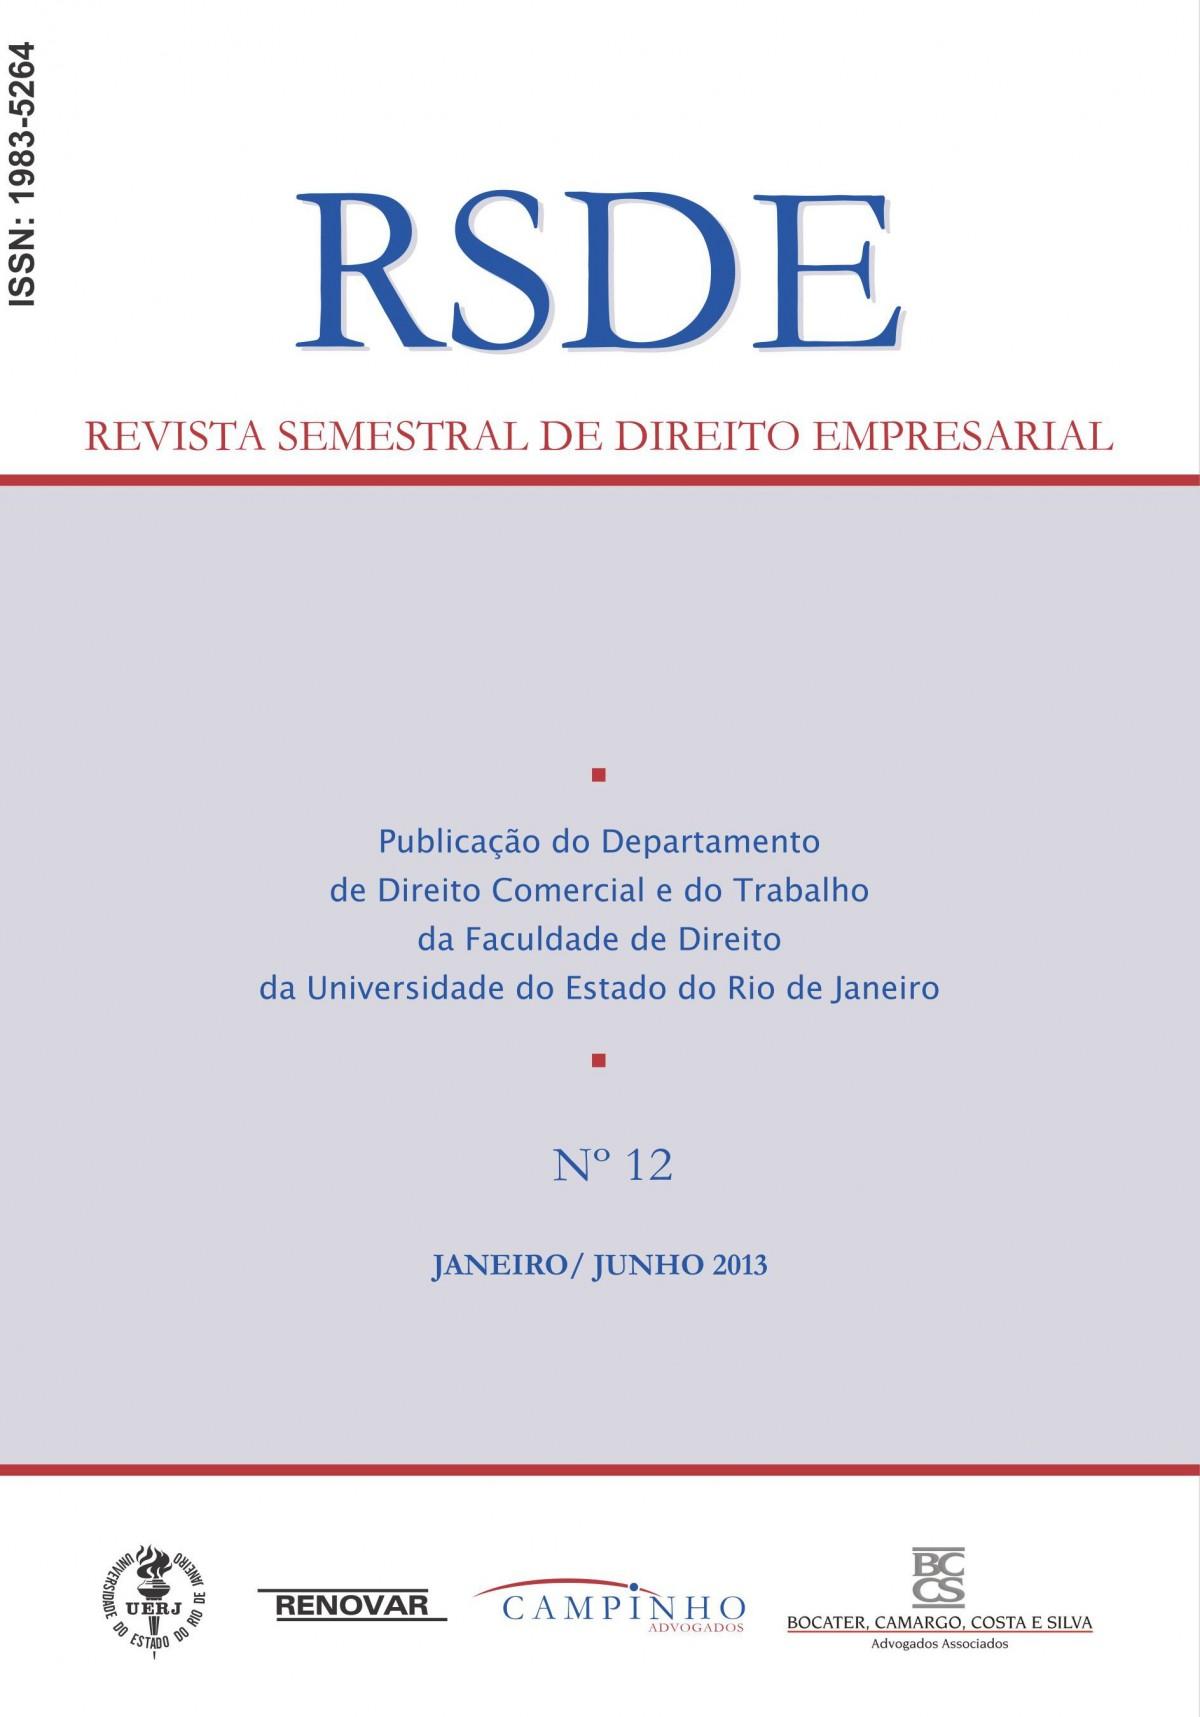 Foto 1 - RSDE N°12